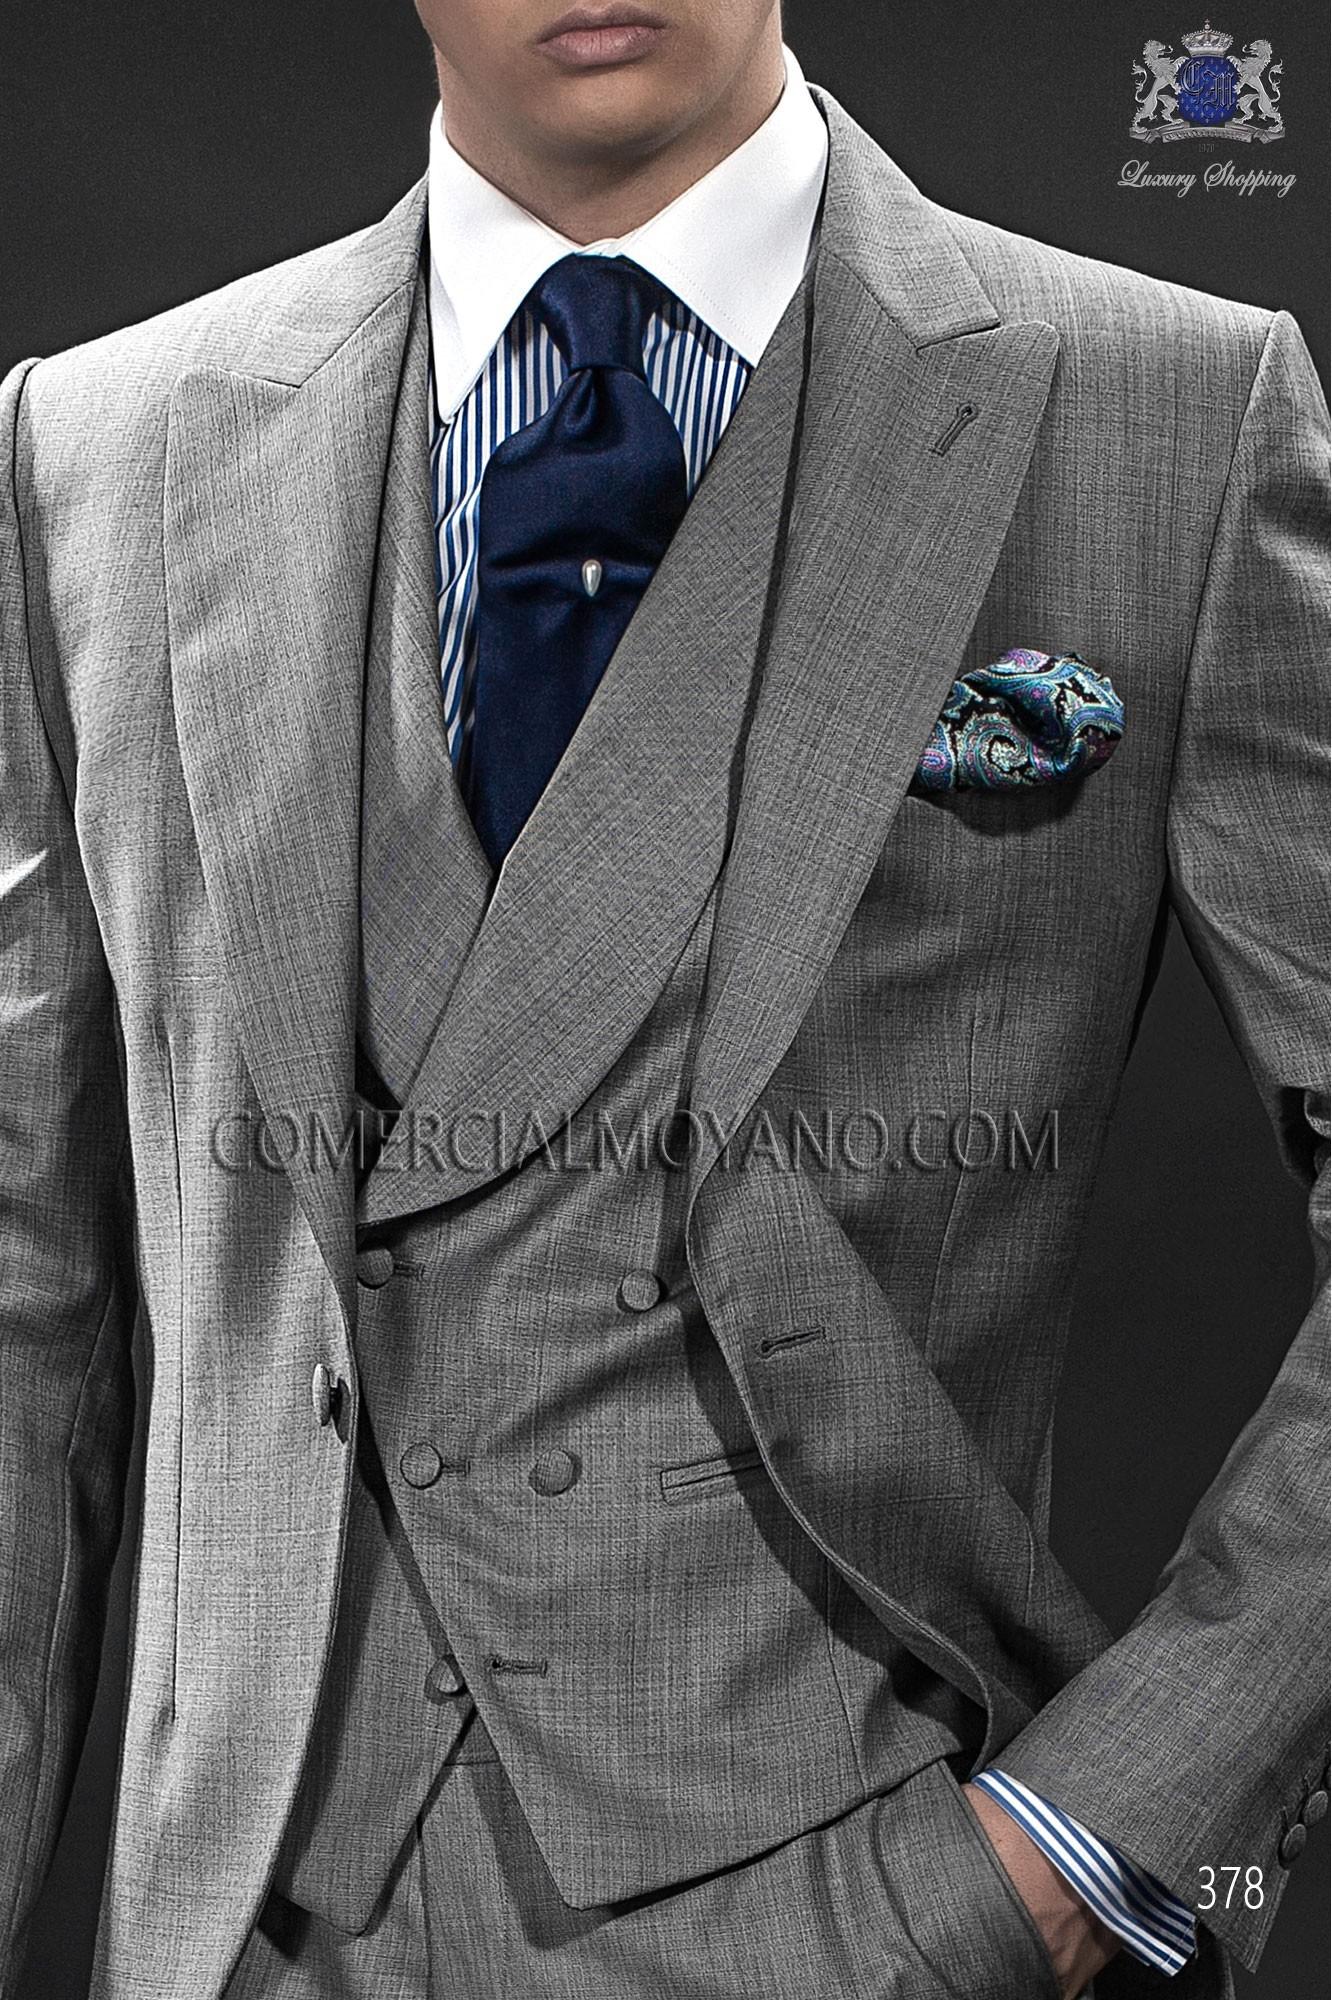 Traje Gentleman de novio gris modelo: 378 Ottavio Nuccio Gala colección Gentleman 2017